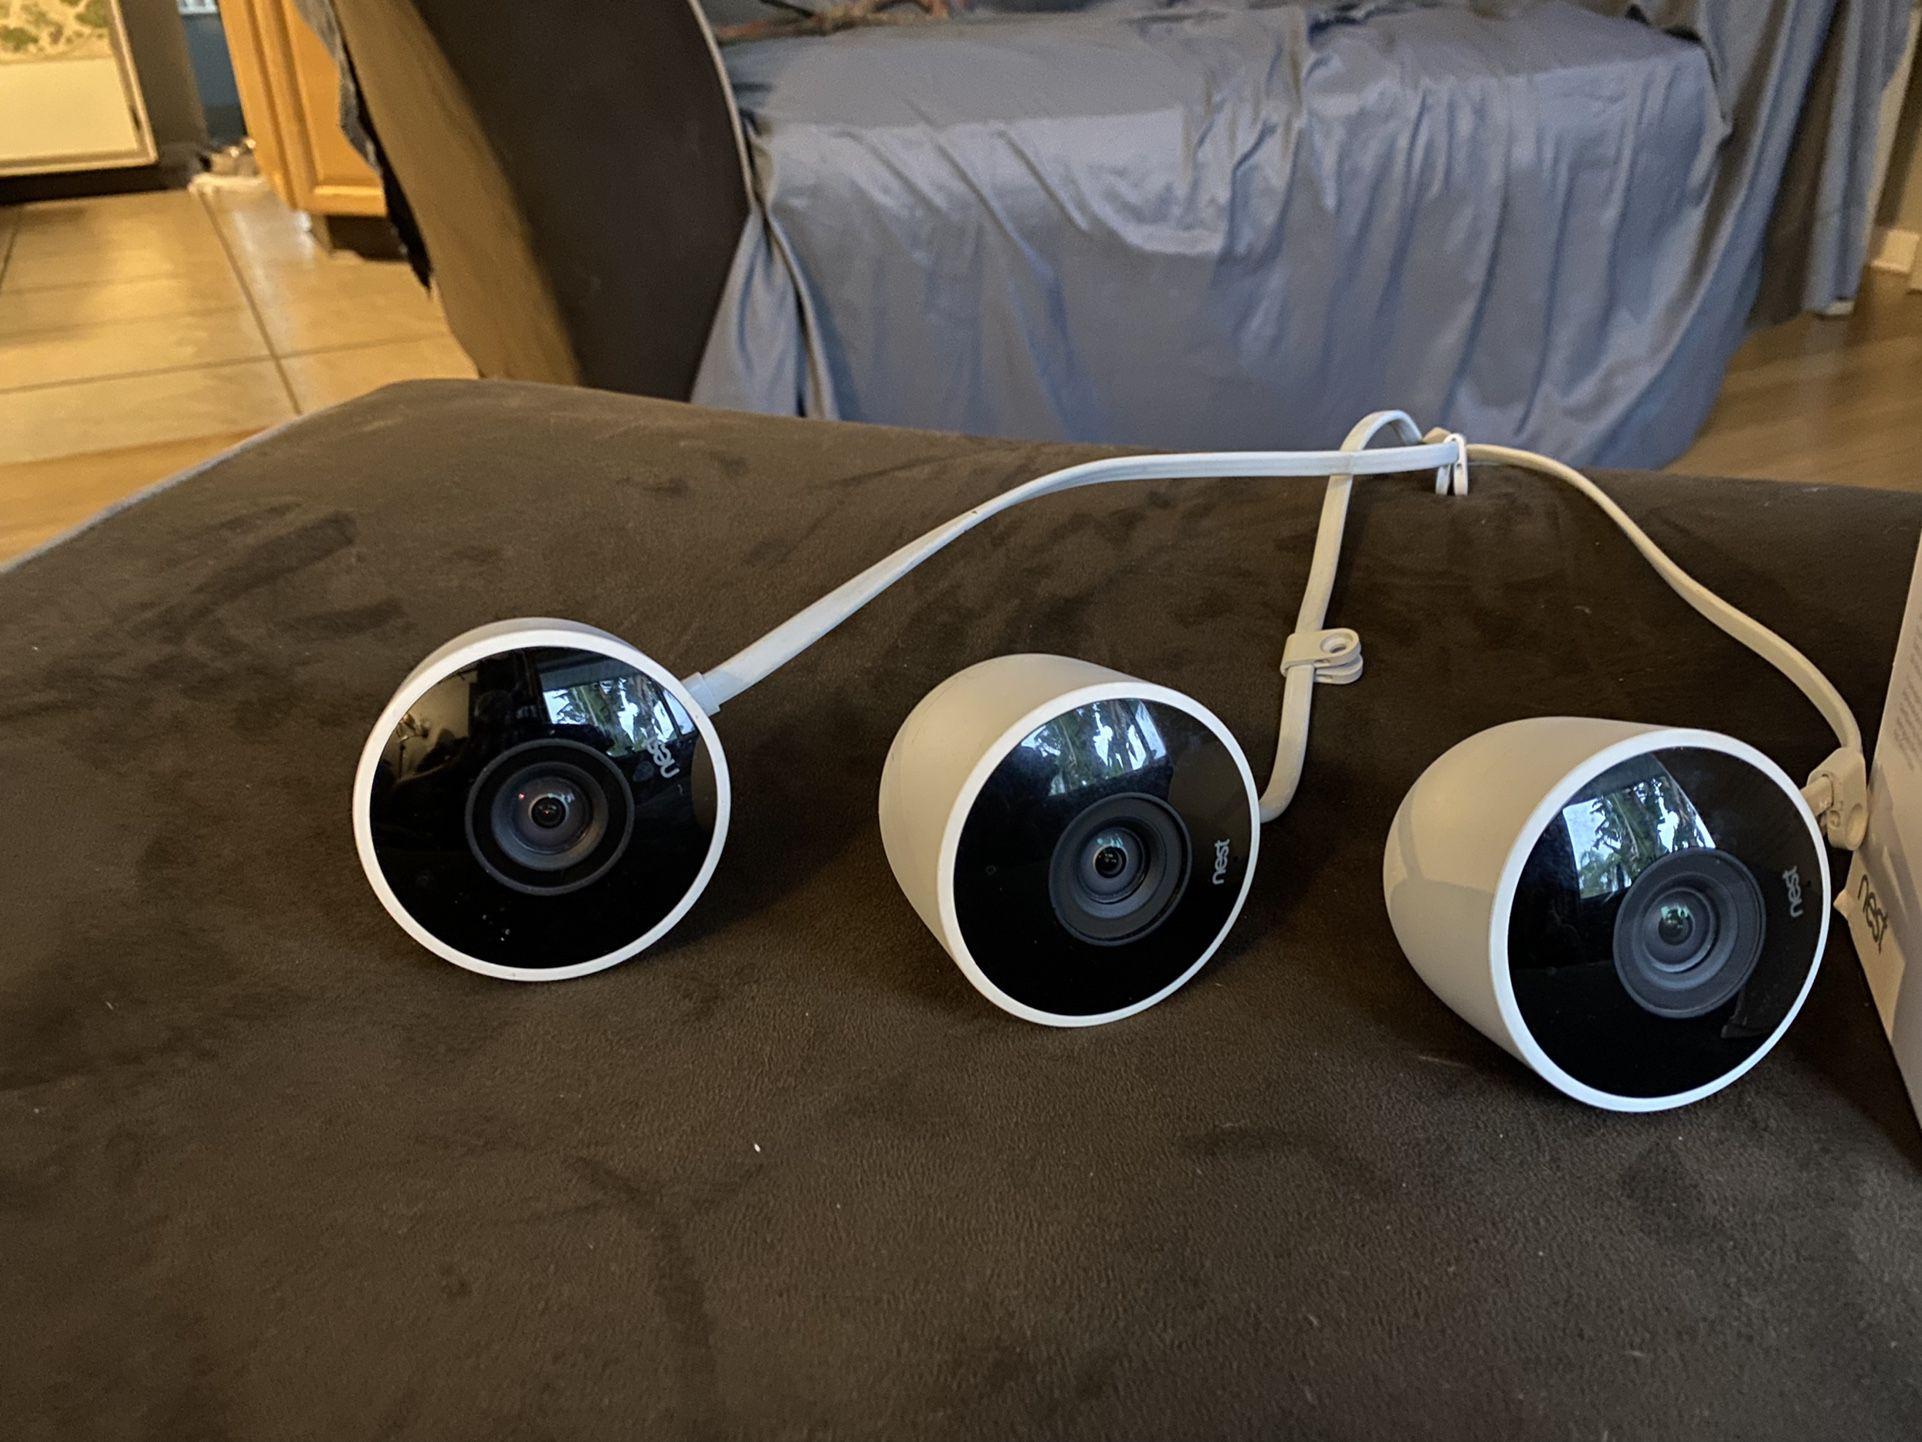 Ring Doorbell Pro, Nest Thermostat (3rd gen), Nest Outdoor Cameras